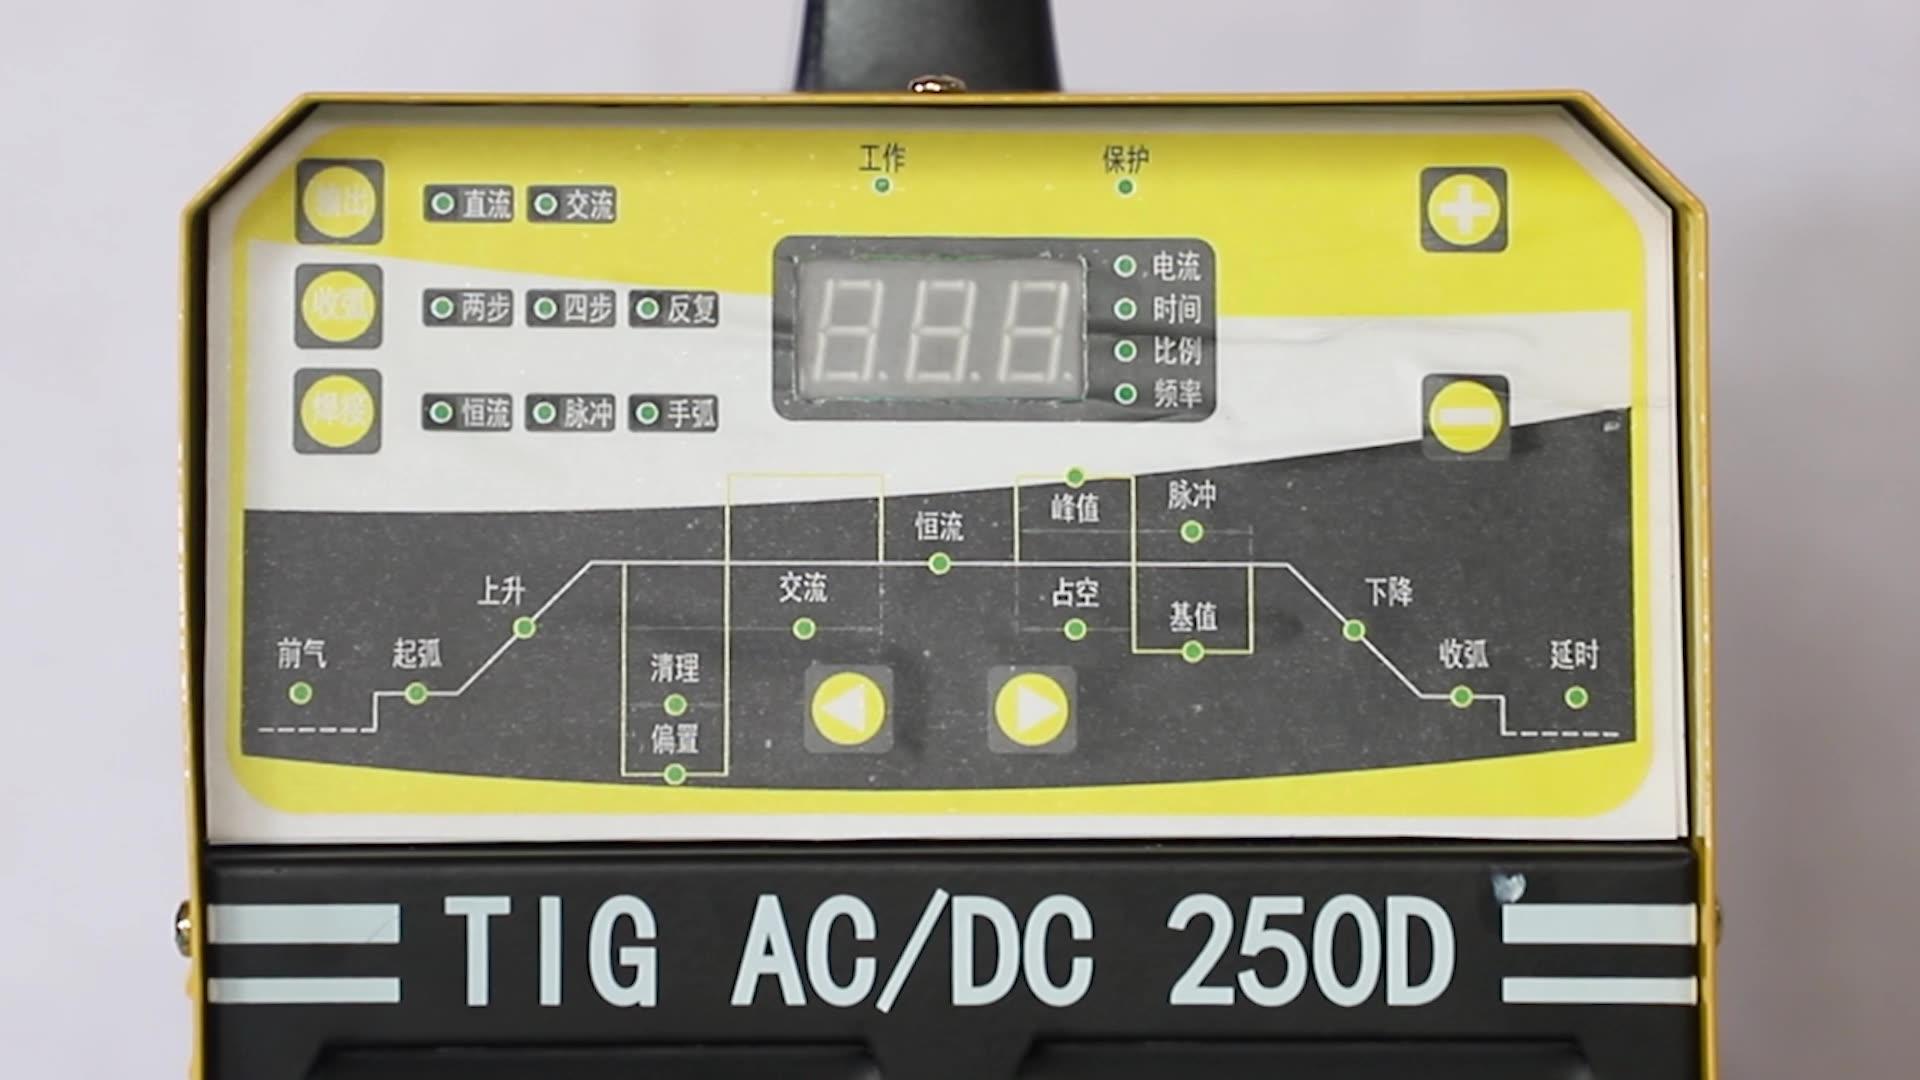 AC DC Tig 250D с tig сварочная проволока Небольшого размера интеллектуальная работа soldadoras электрические с 3 м сварочная линия mini soldadora